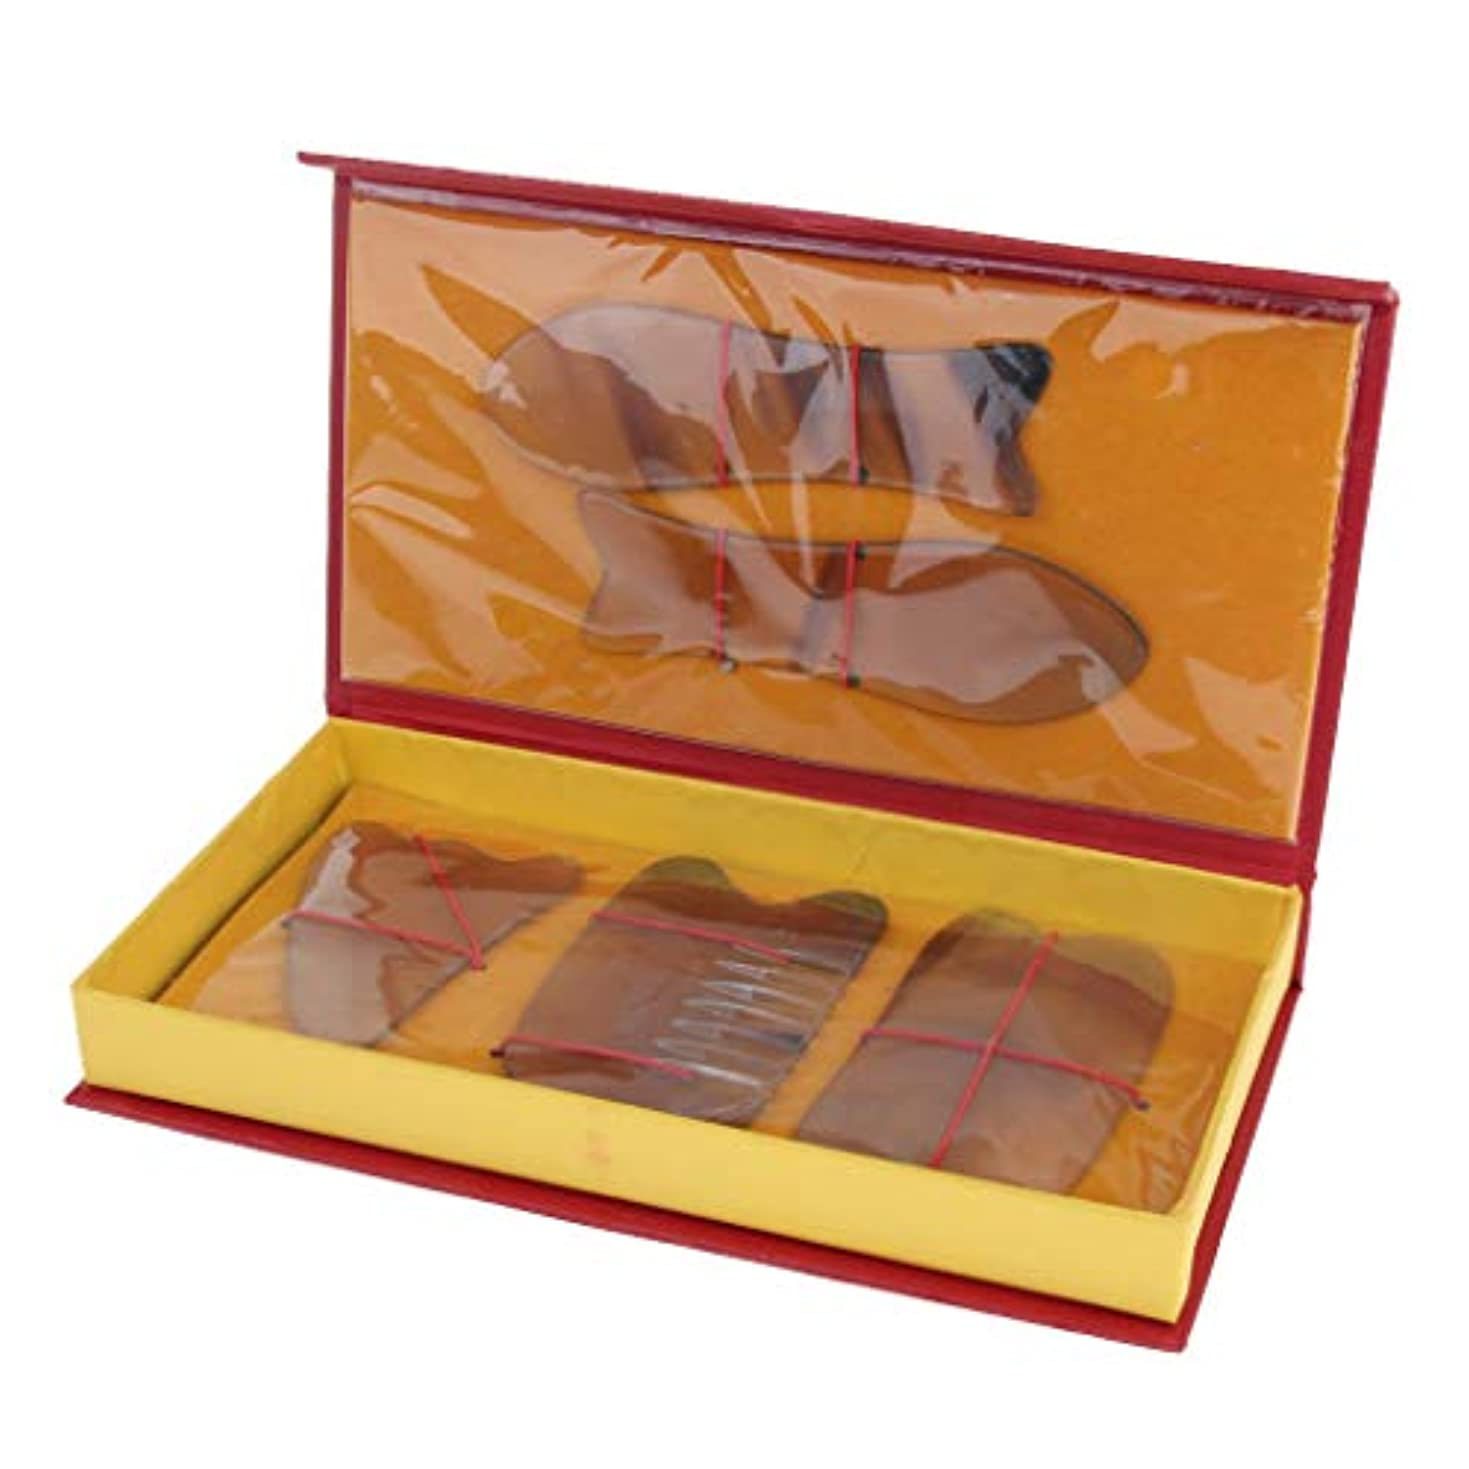 Baoblaze 5本 マッサージボード スクレーパー フェイス フルボディー 2色選べ - 黄